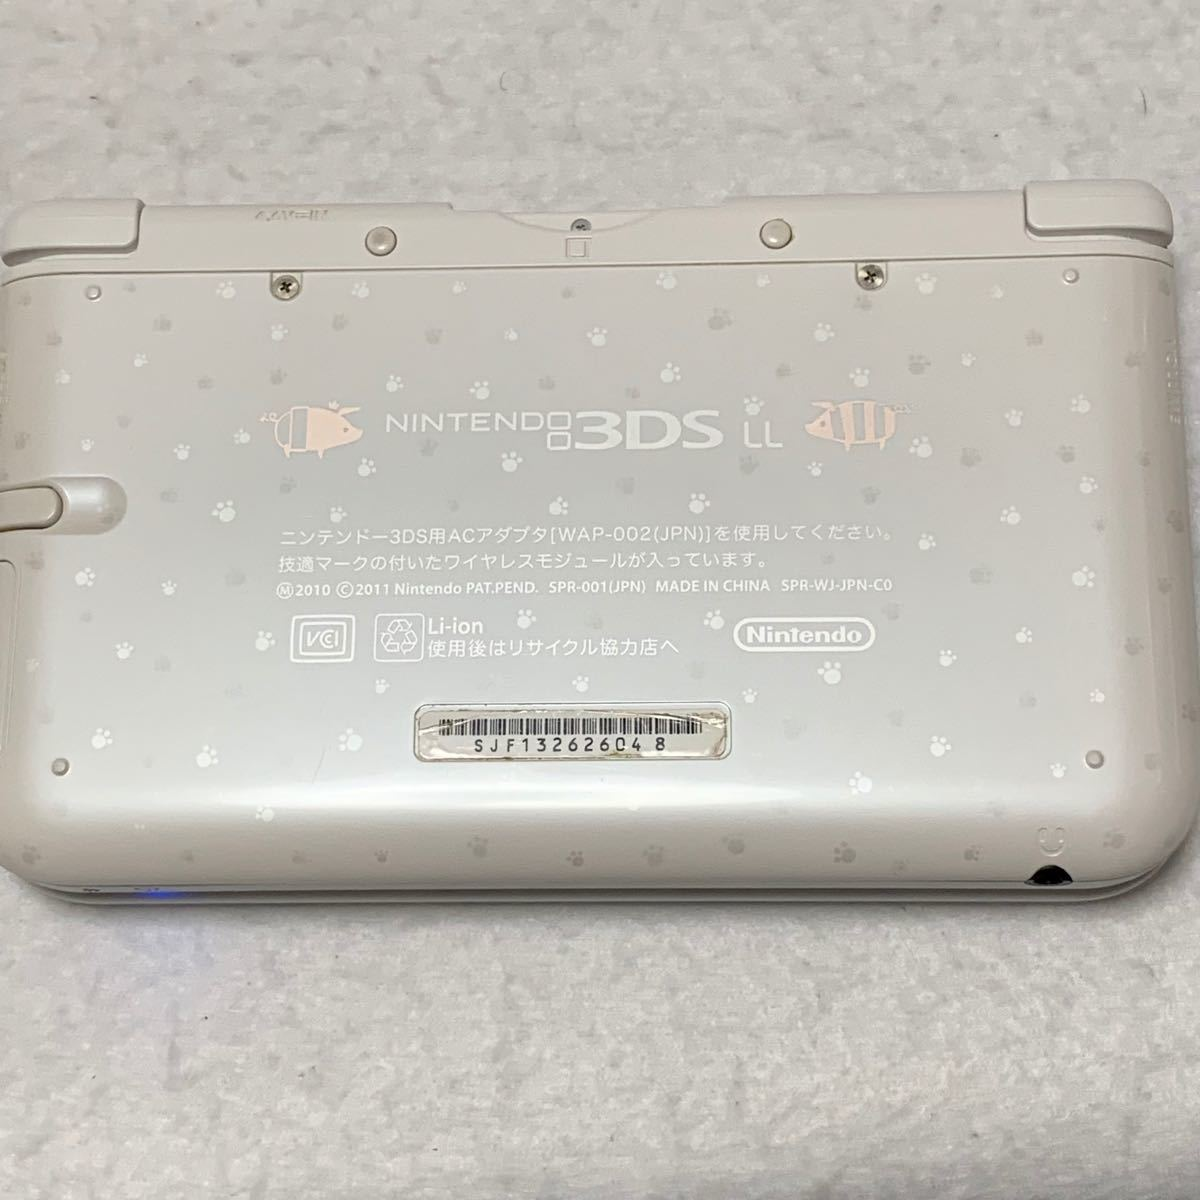 ニンテンドー 3DS LL モンハン アイルーホワイト 限定デザイン 本体 充電器 タッチペン SD セット 6048